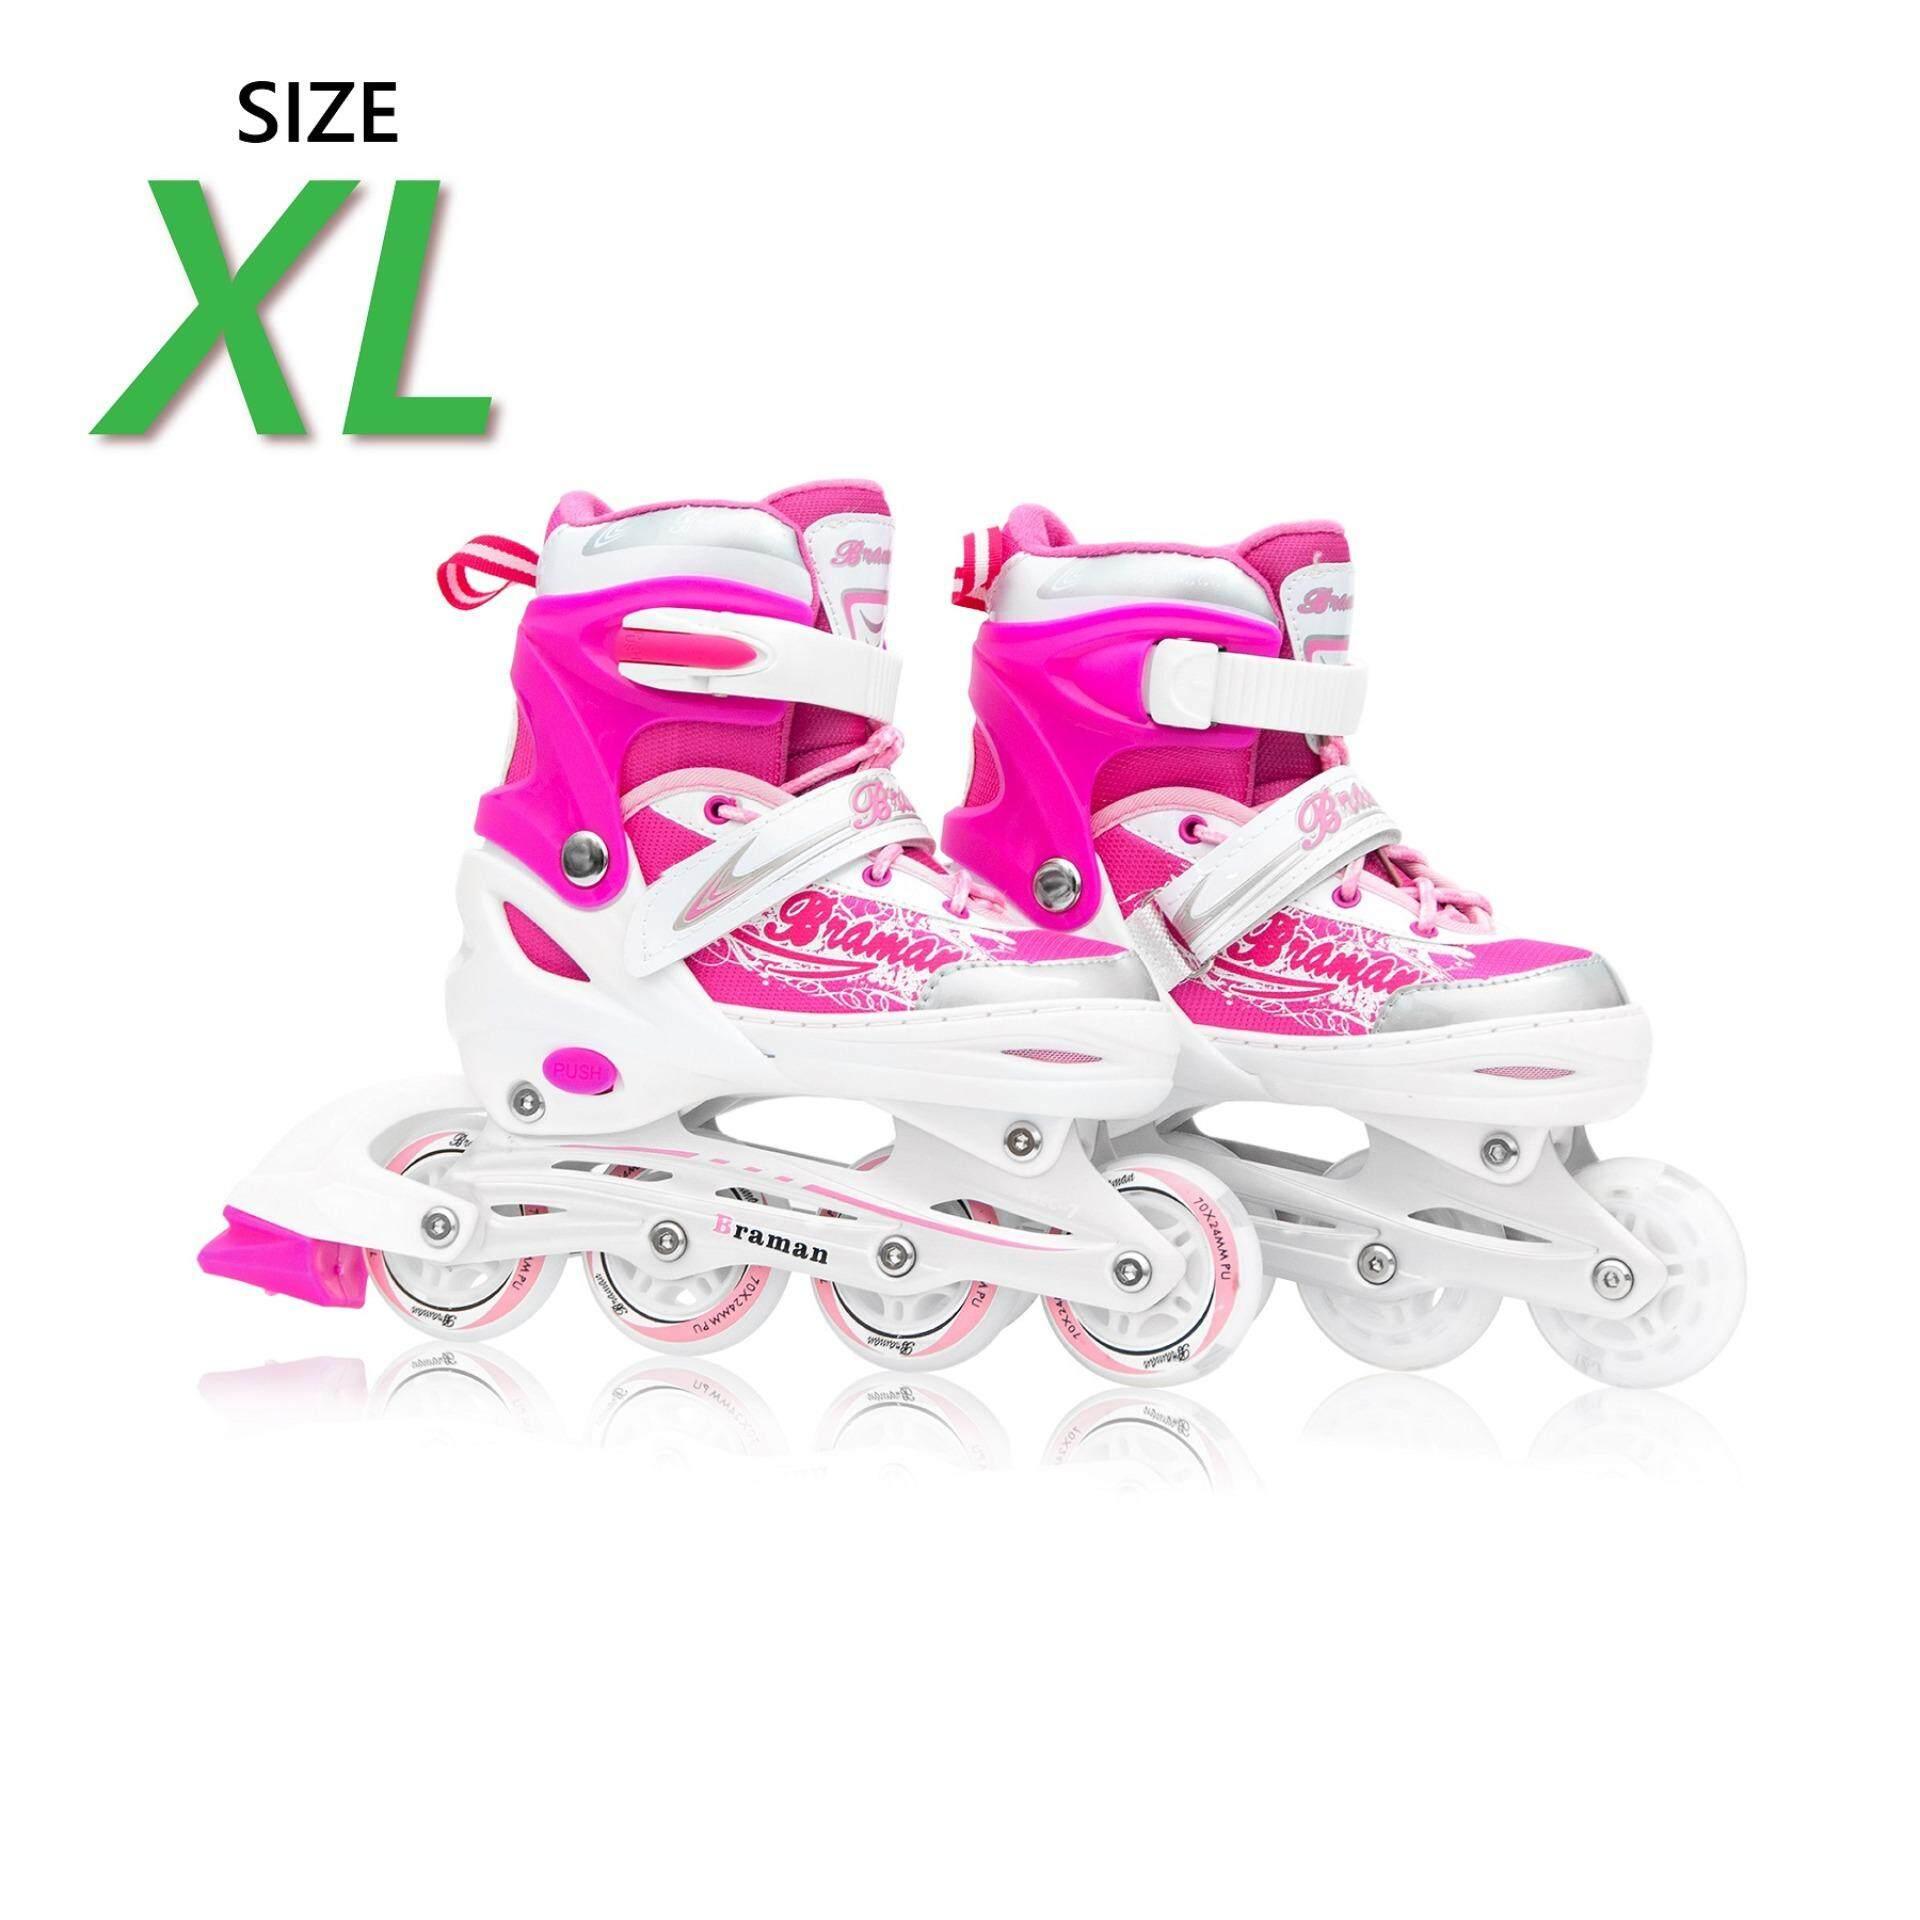 ขาย รองเท้าอินไลน์สเก็ต Premium Inline Skate Braman Aluminium Tracks Abec 7 Wheels With Lights 0415C Warranty 1 Year เบอร์ 37 44 Pink Xl ใหม่